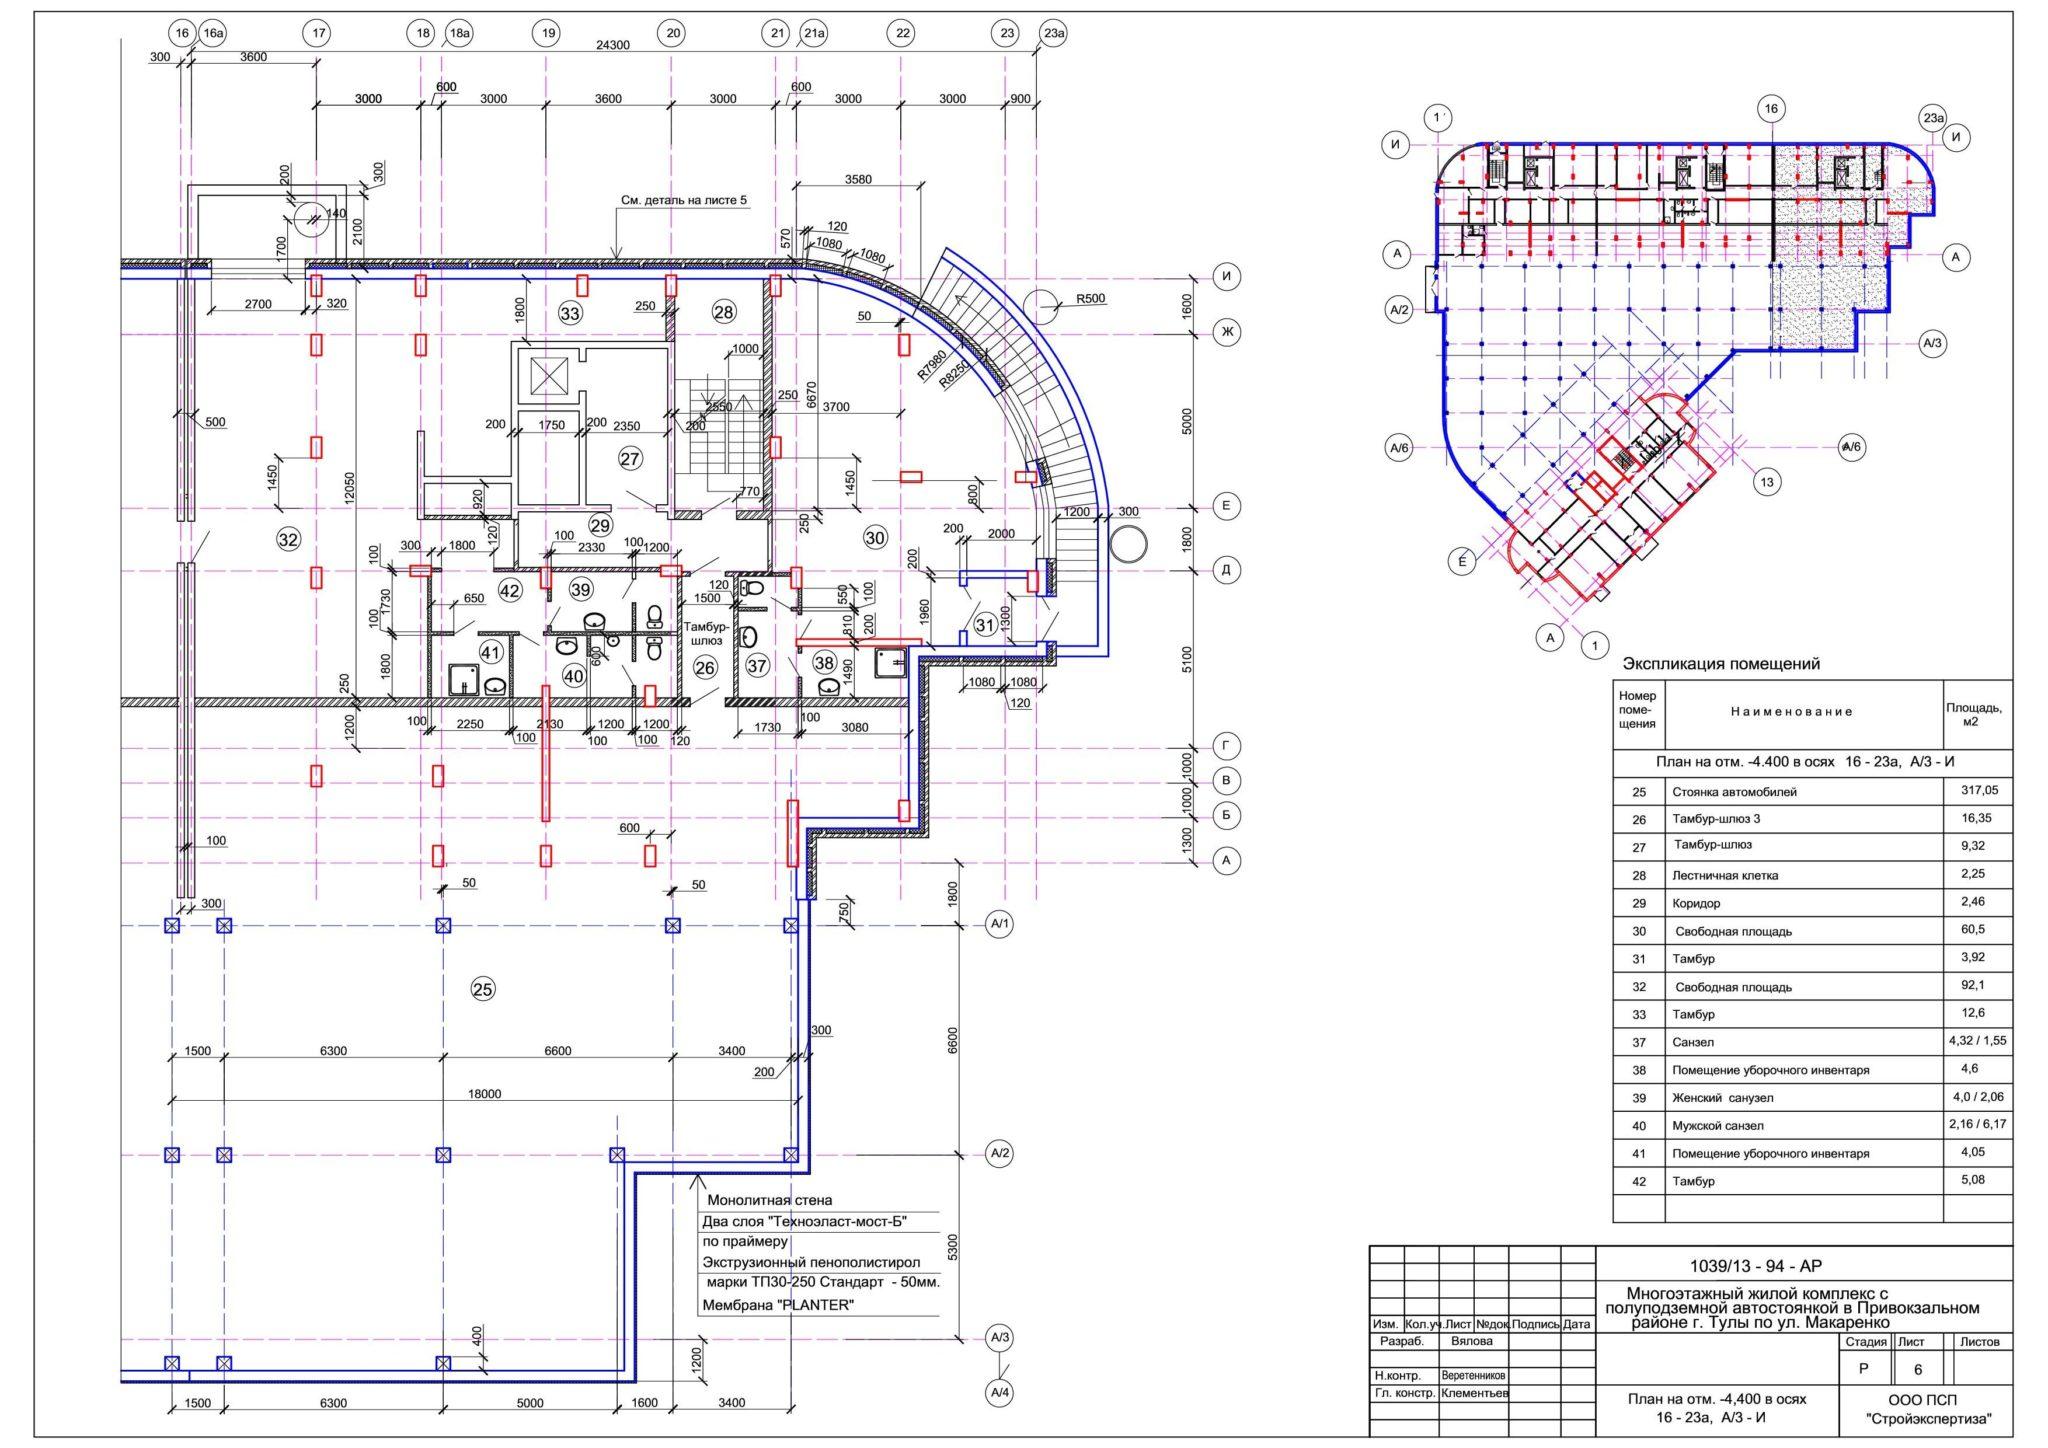 План нежилых помещений (ЦОКОЛЬ) 1-го этажа. Секция В ЖК МАКАРЕНКО